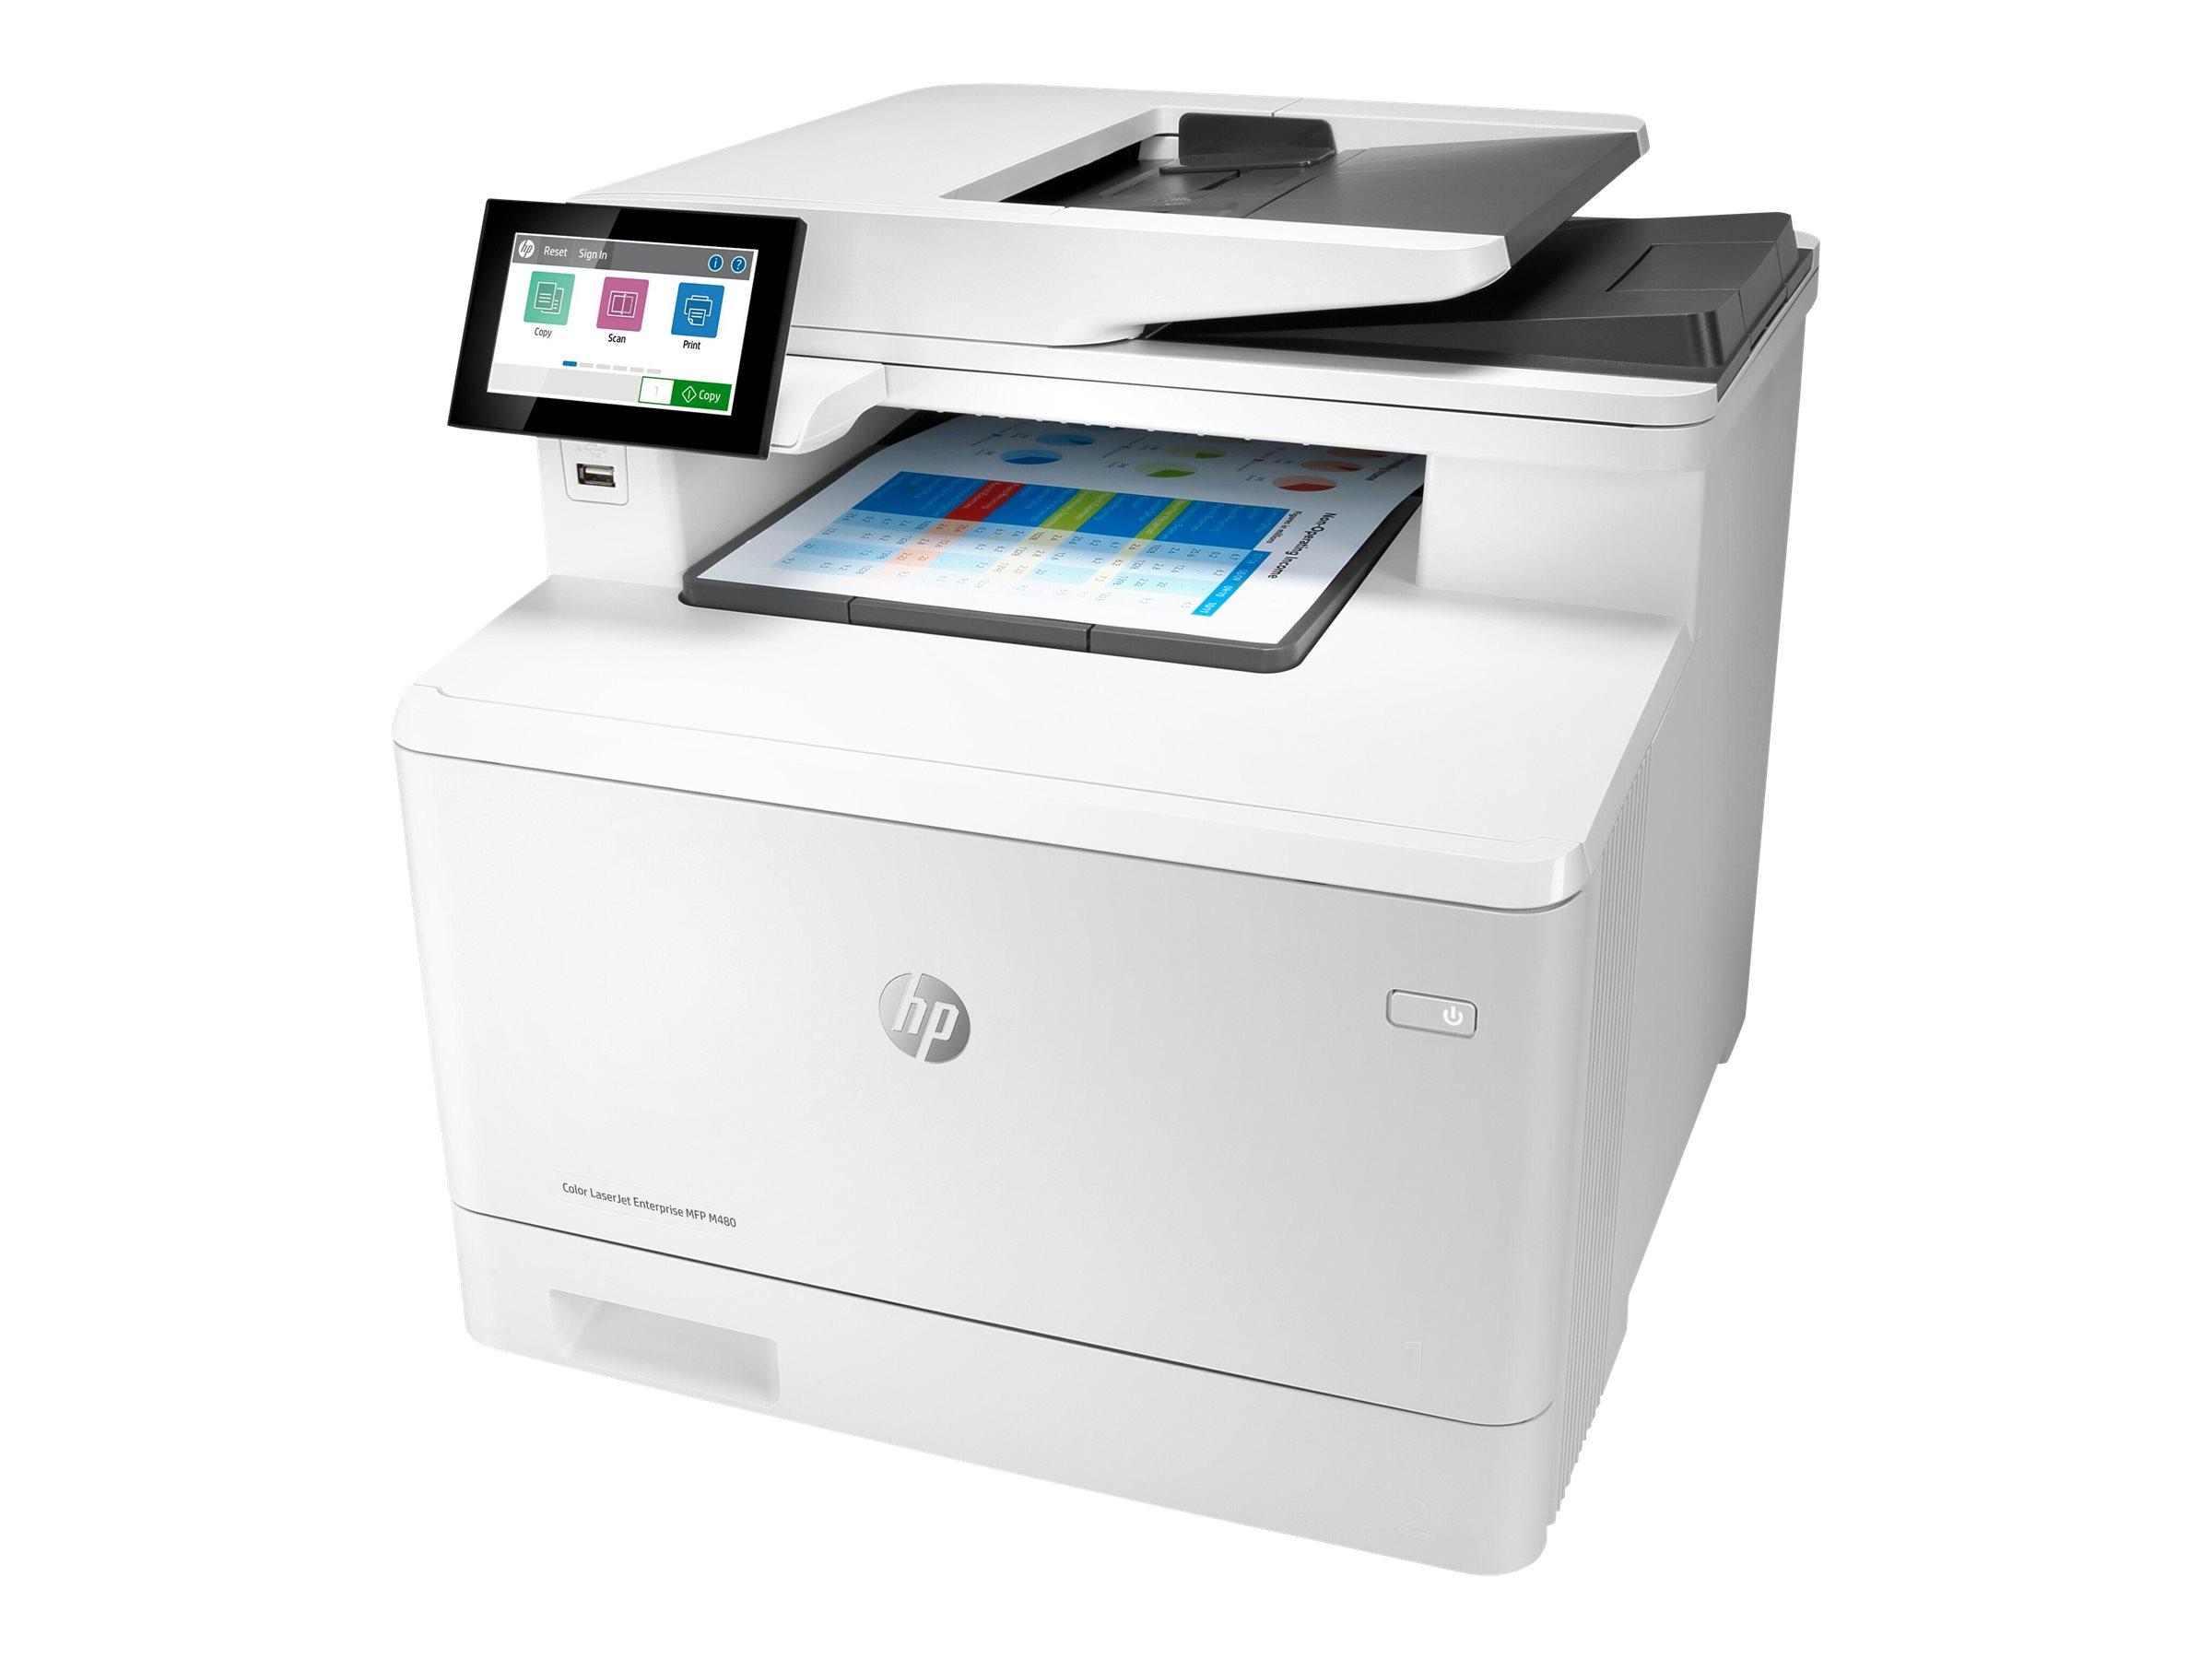 HP LaserJet Enterprise MFP M480f - Multifunktionsdrucker - Farbe - Laser - Legal (216 x 356 mm)